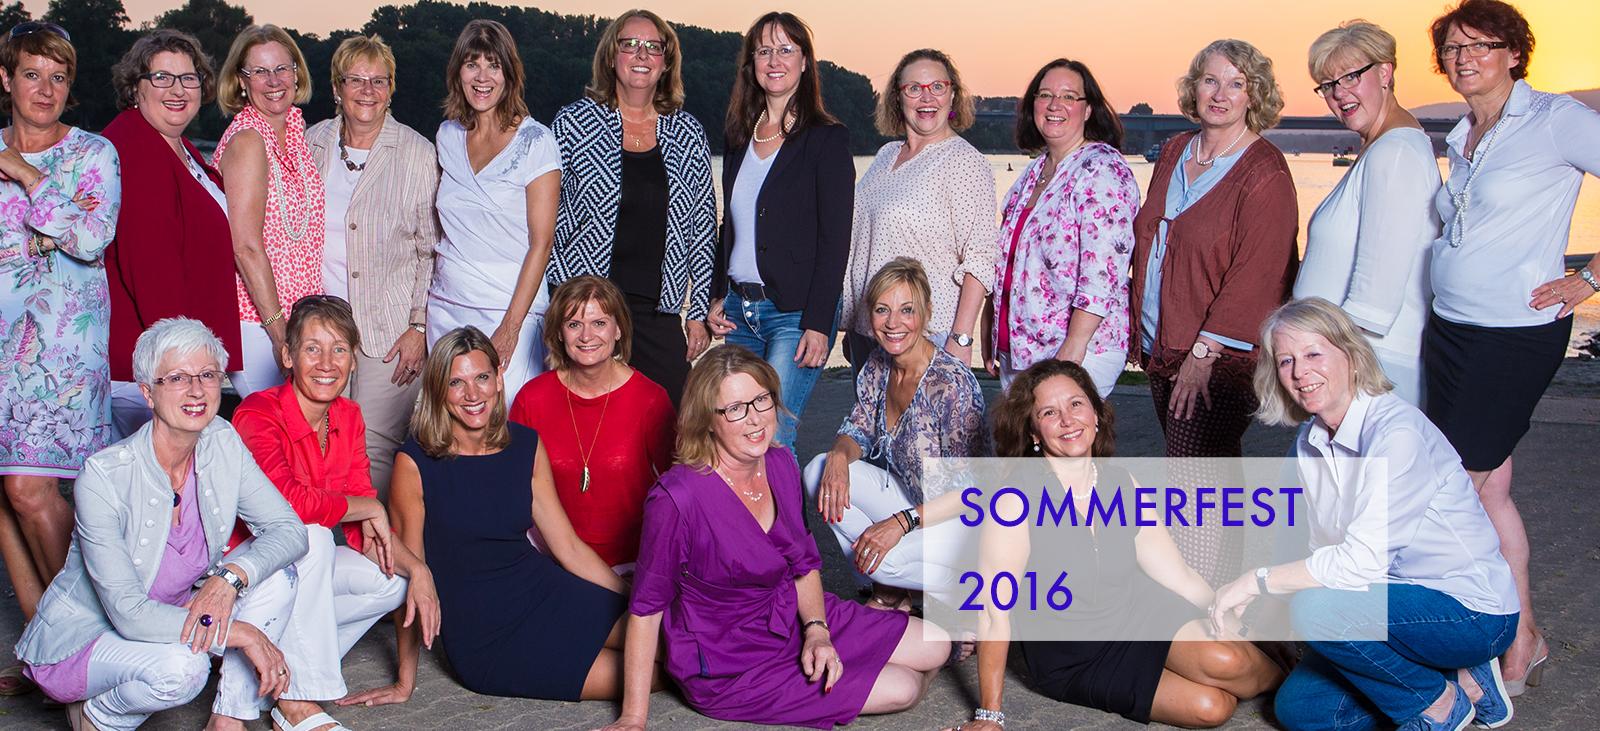 Sommerfest Fbnw